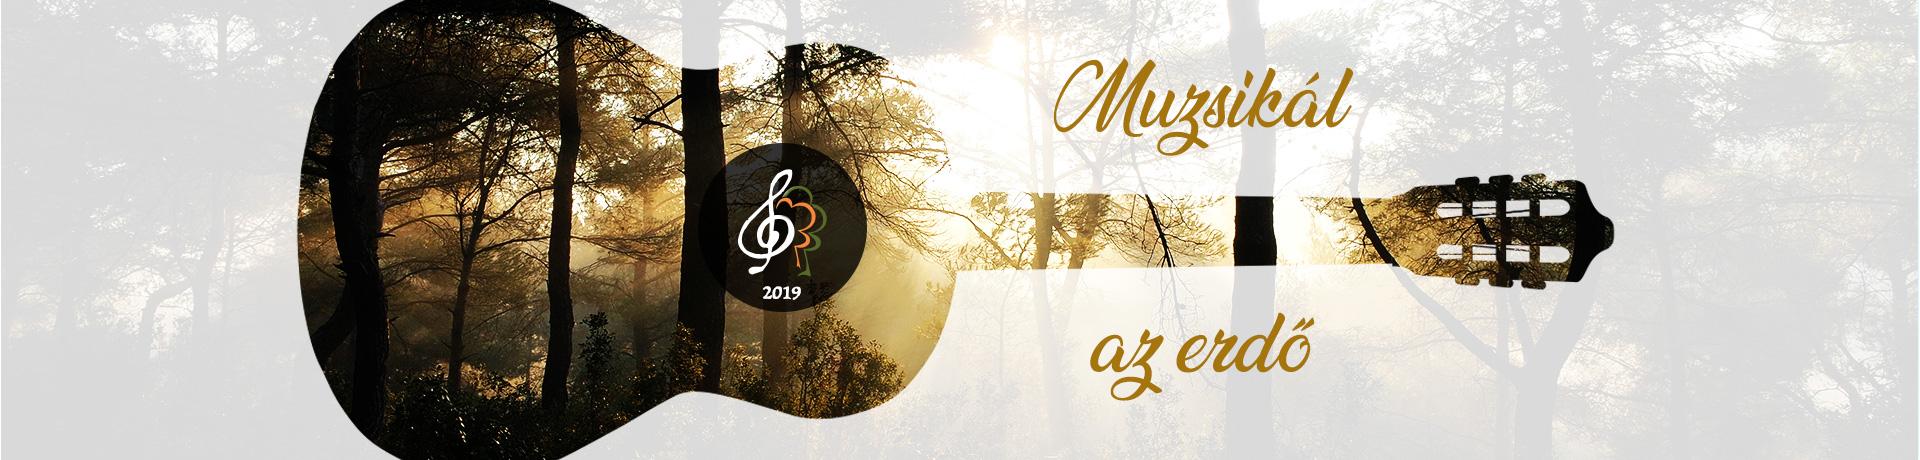 Muzsikál az erdő - Mátrai Művészeti Napok - 2019